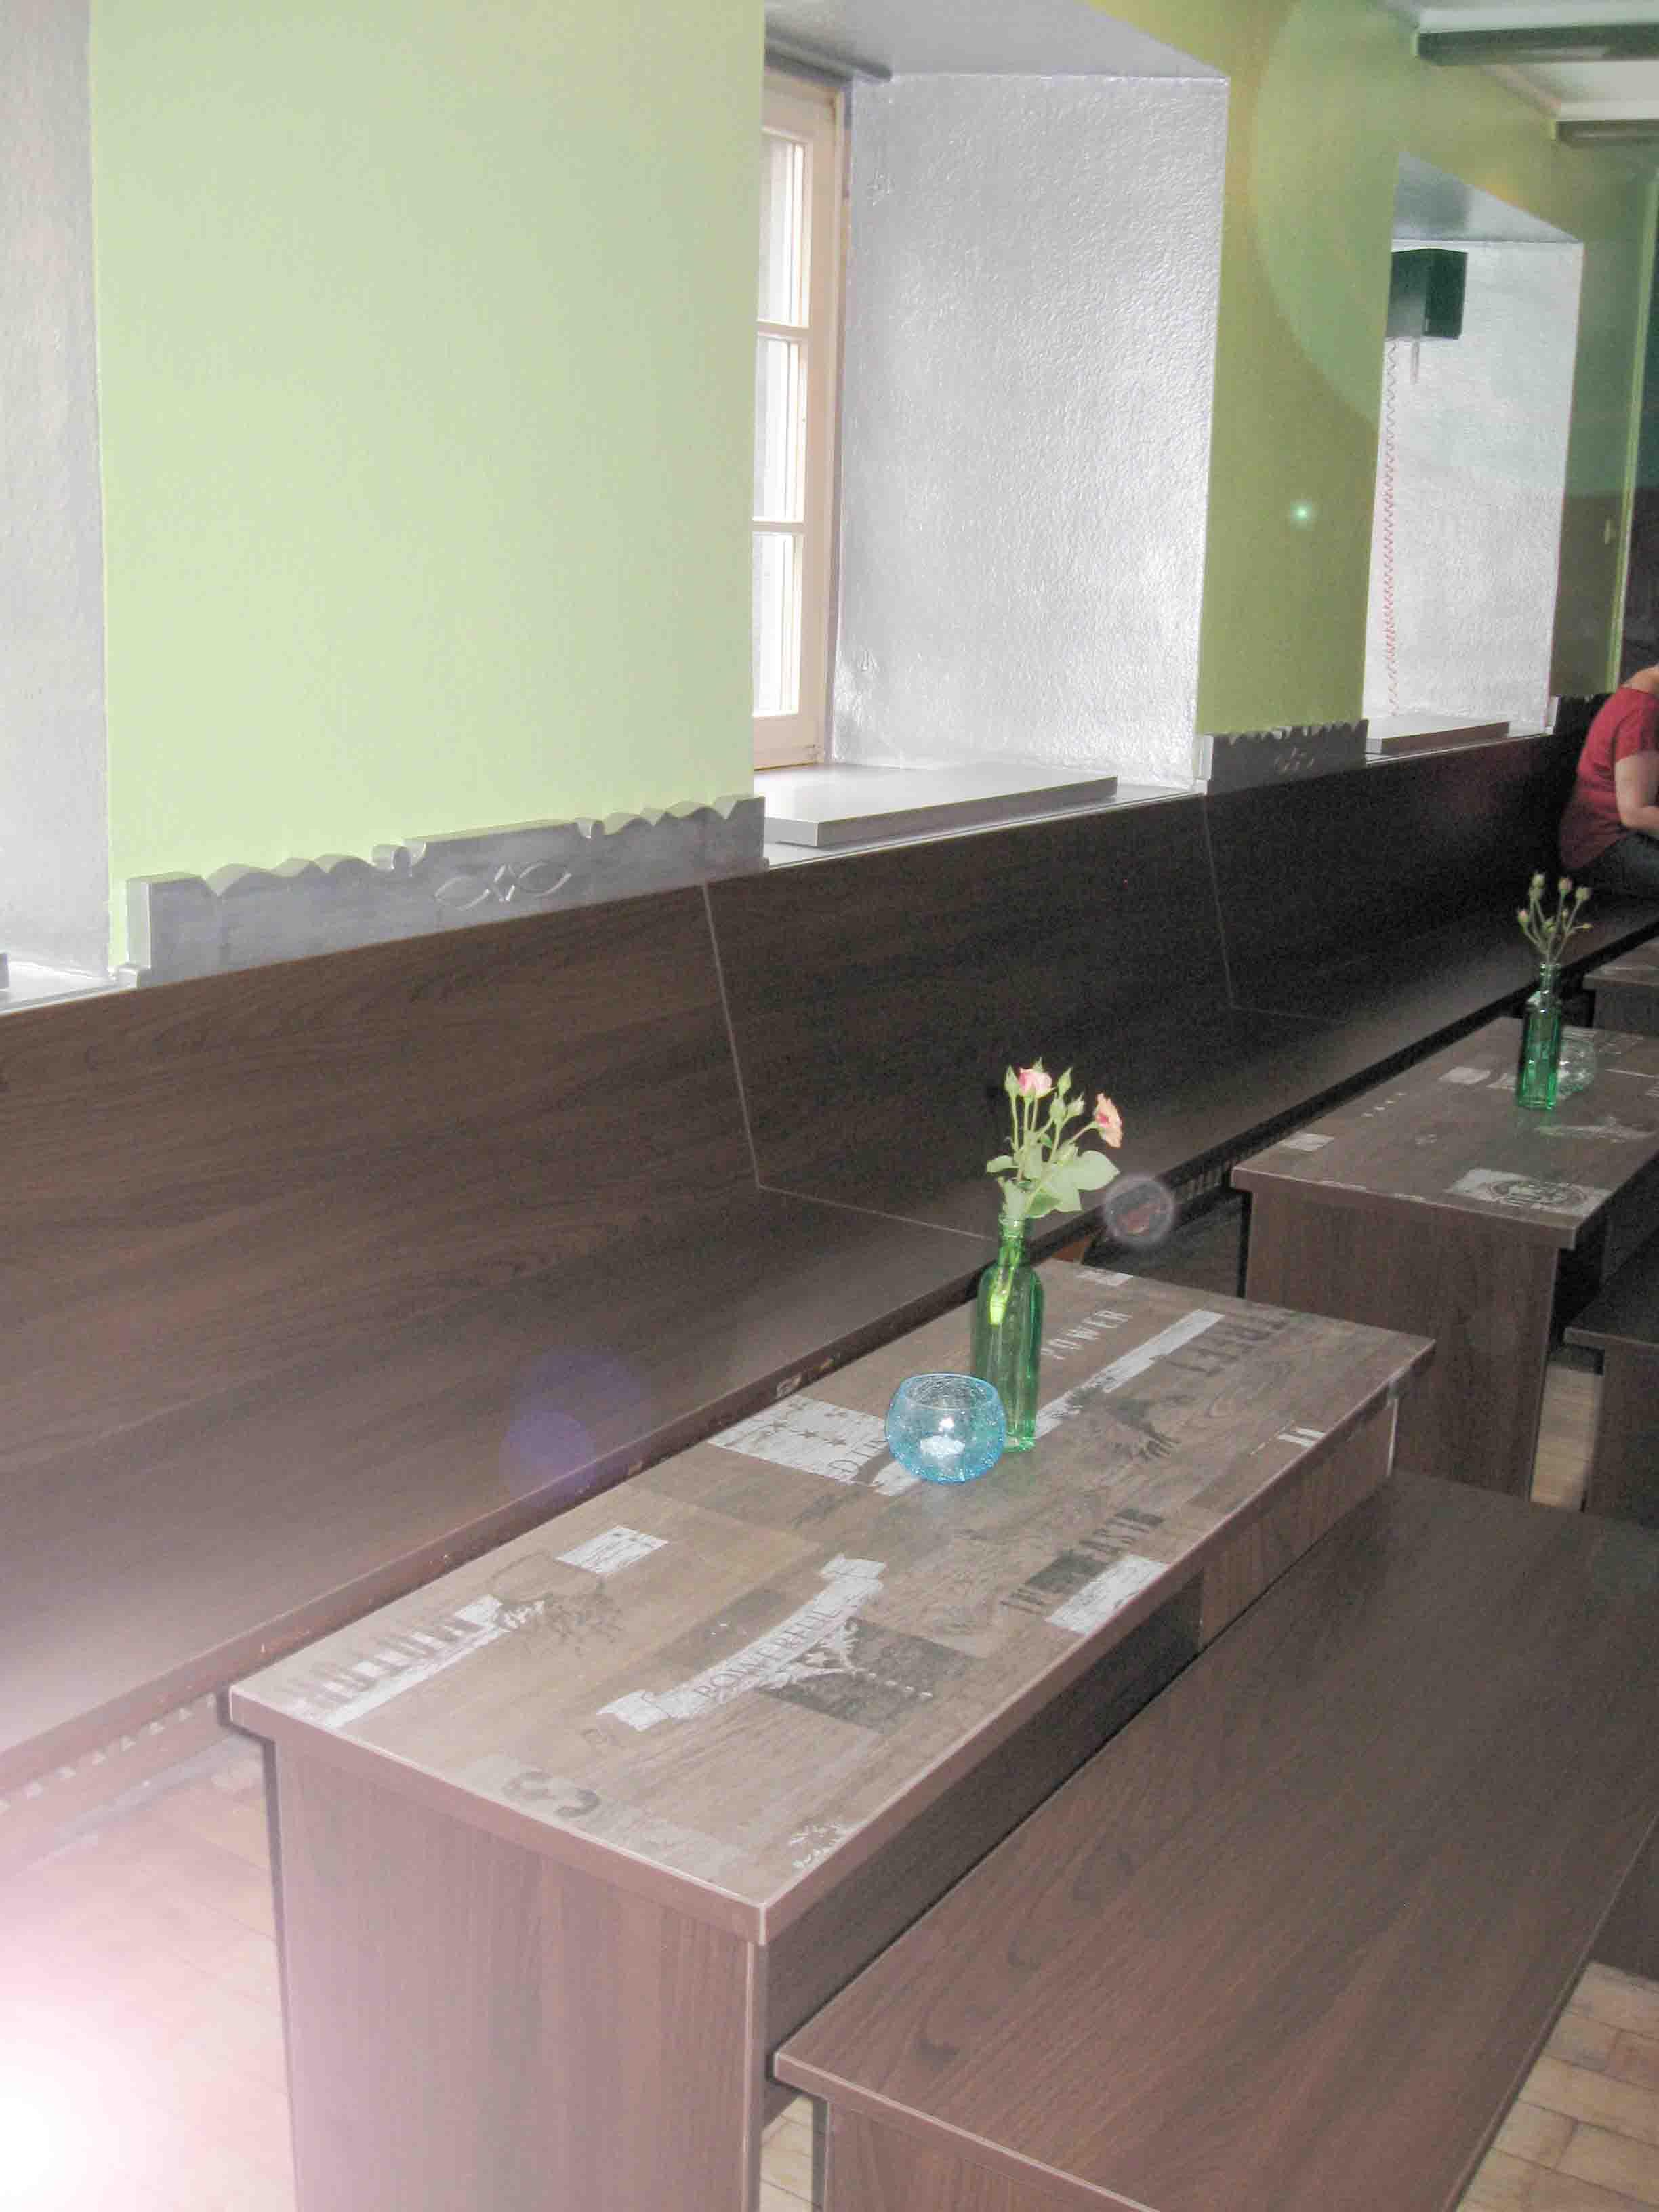 Tische und durchgehende Sitzbank